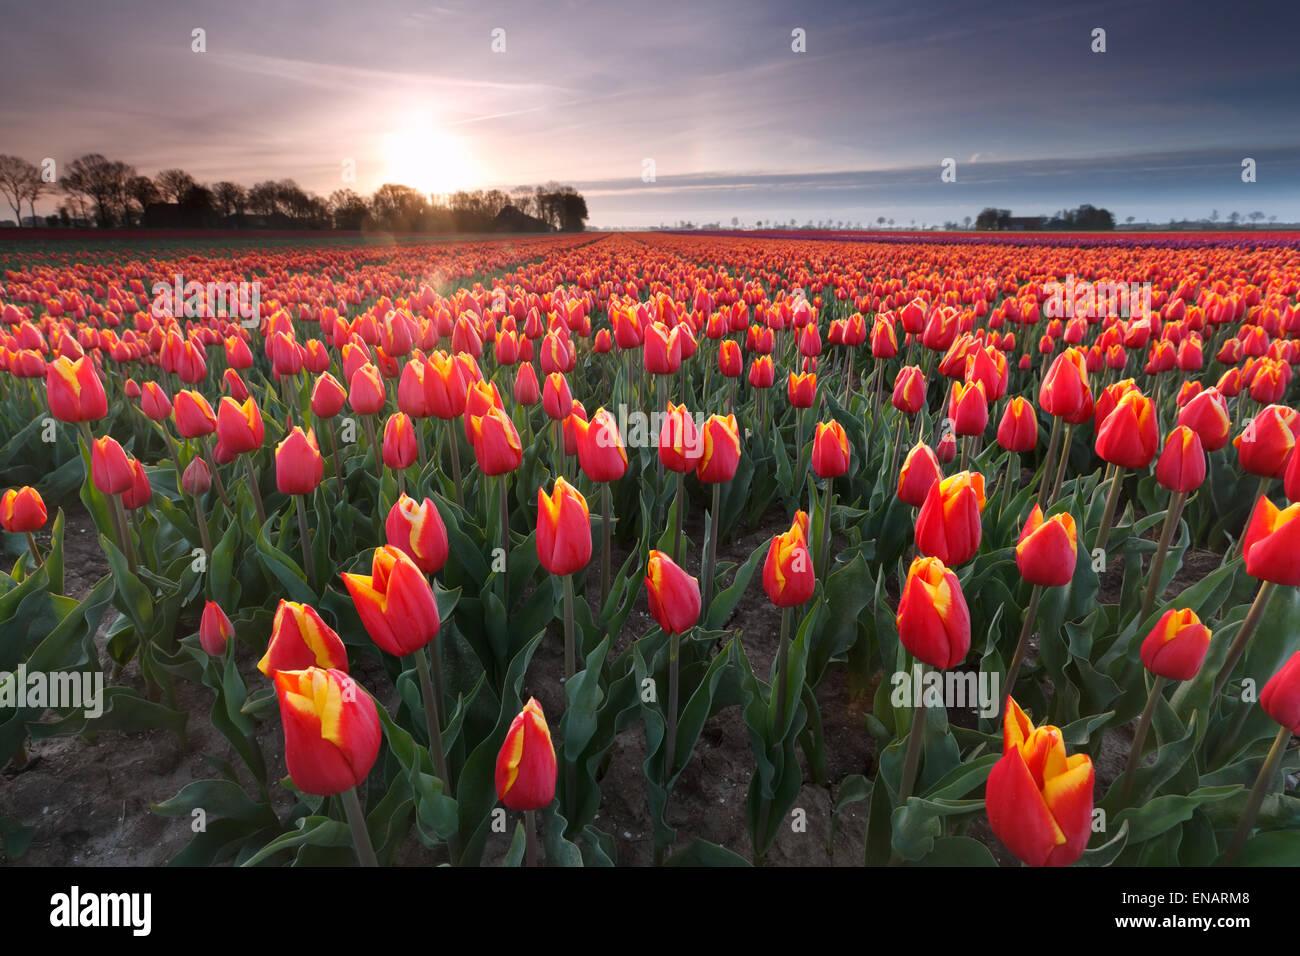 Amanecer en campos de tulipanes rojos, Flevoland, Holanda Imagen De Stock